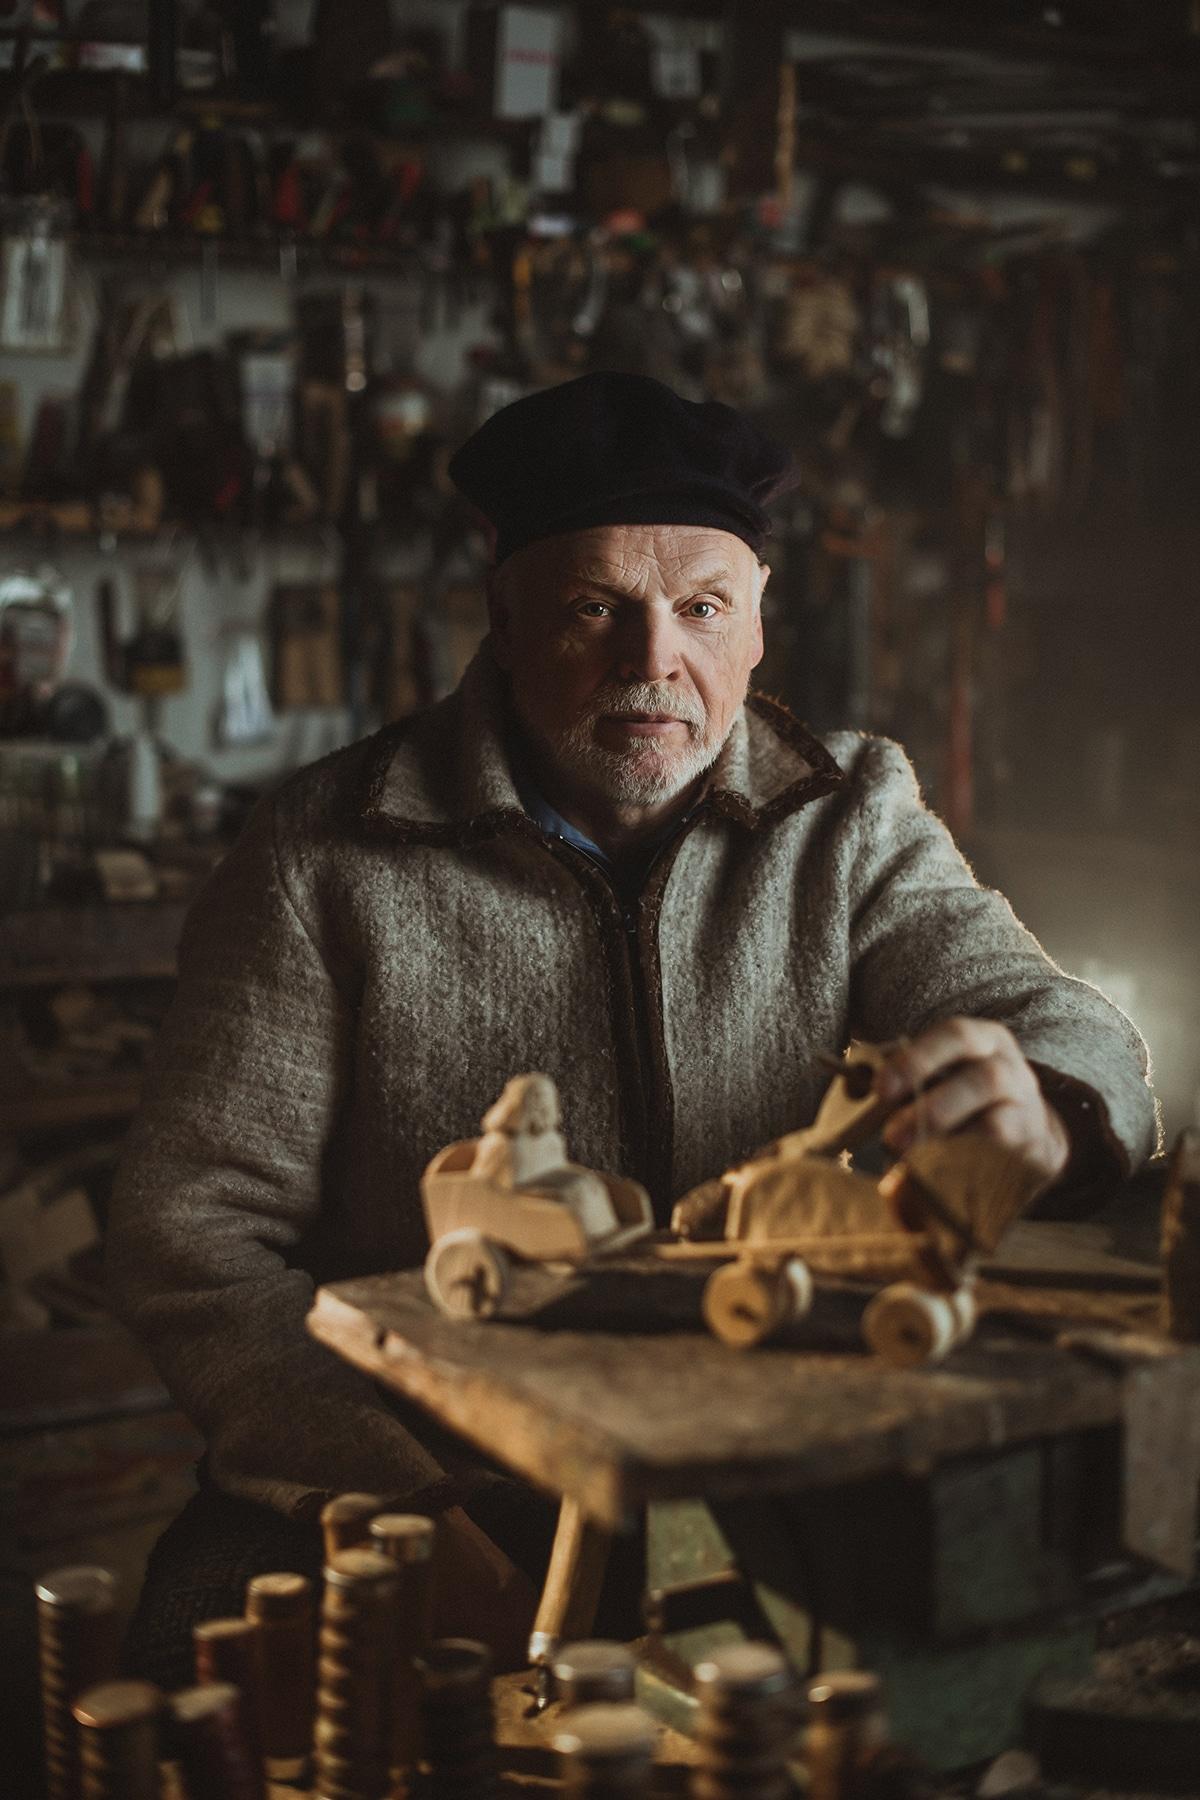 «Παραδοσιακές Τέχνες: Πορτρέτο ενός Κατασκευαστή Παιχνιδιών» ονομάζεται η φωτογραφία που έστειλε στον διαγωνισμό Σίμας Μπερνότας από την Λιθουανία ο  οποίος φωτογράφισε τεχνίτες πολλών ειδικοτήτων που προσπαθούν να διατηρήσουν ζωντανή την παράδοση και την τέχνη που υπηρετούν. Επέλεξε να στείλει στον διαγωνισμό την φωτογραφία ενός παραδοσιακού κατασκευαστή παιχνιδιών κερδίζοντας ένα από τα βραβεία